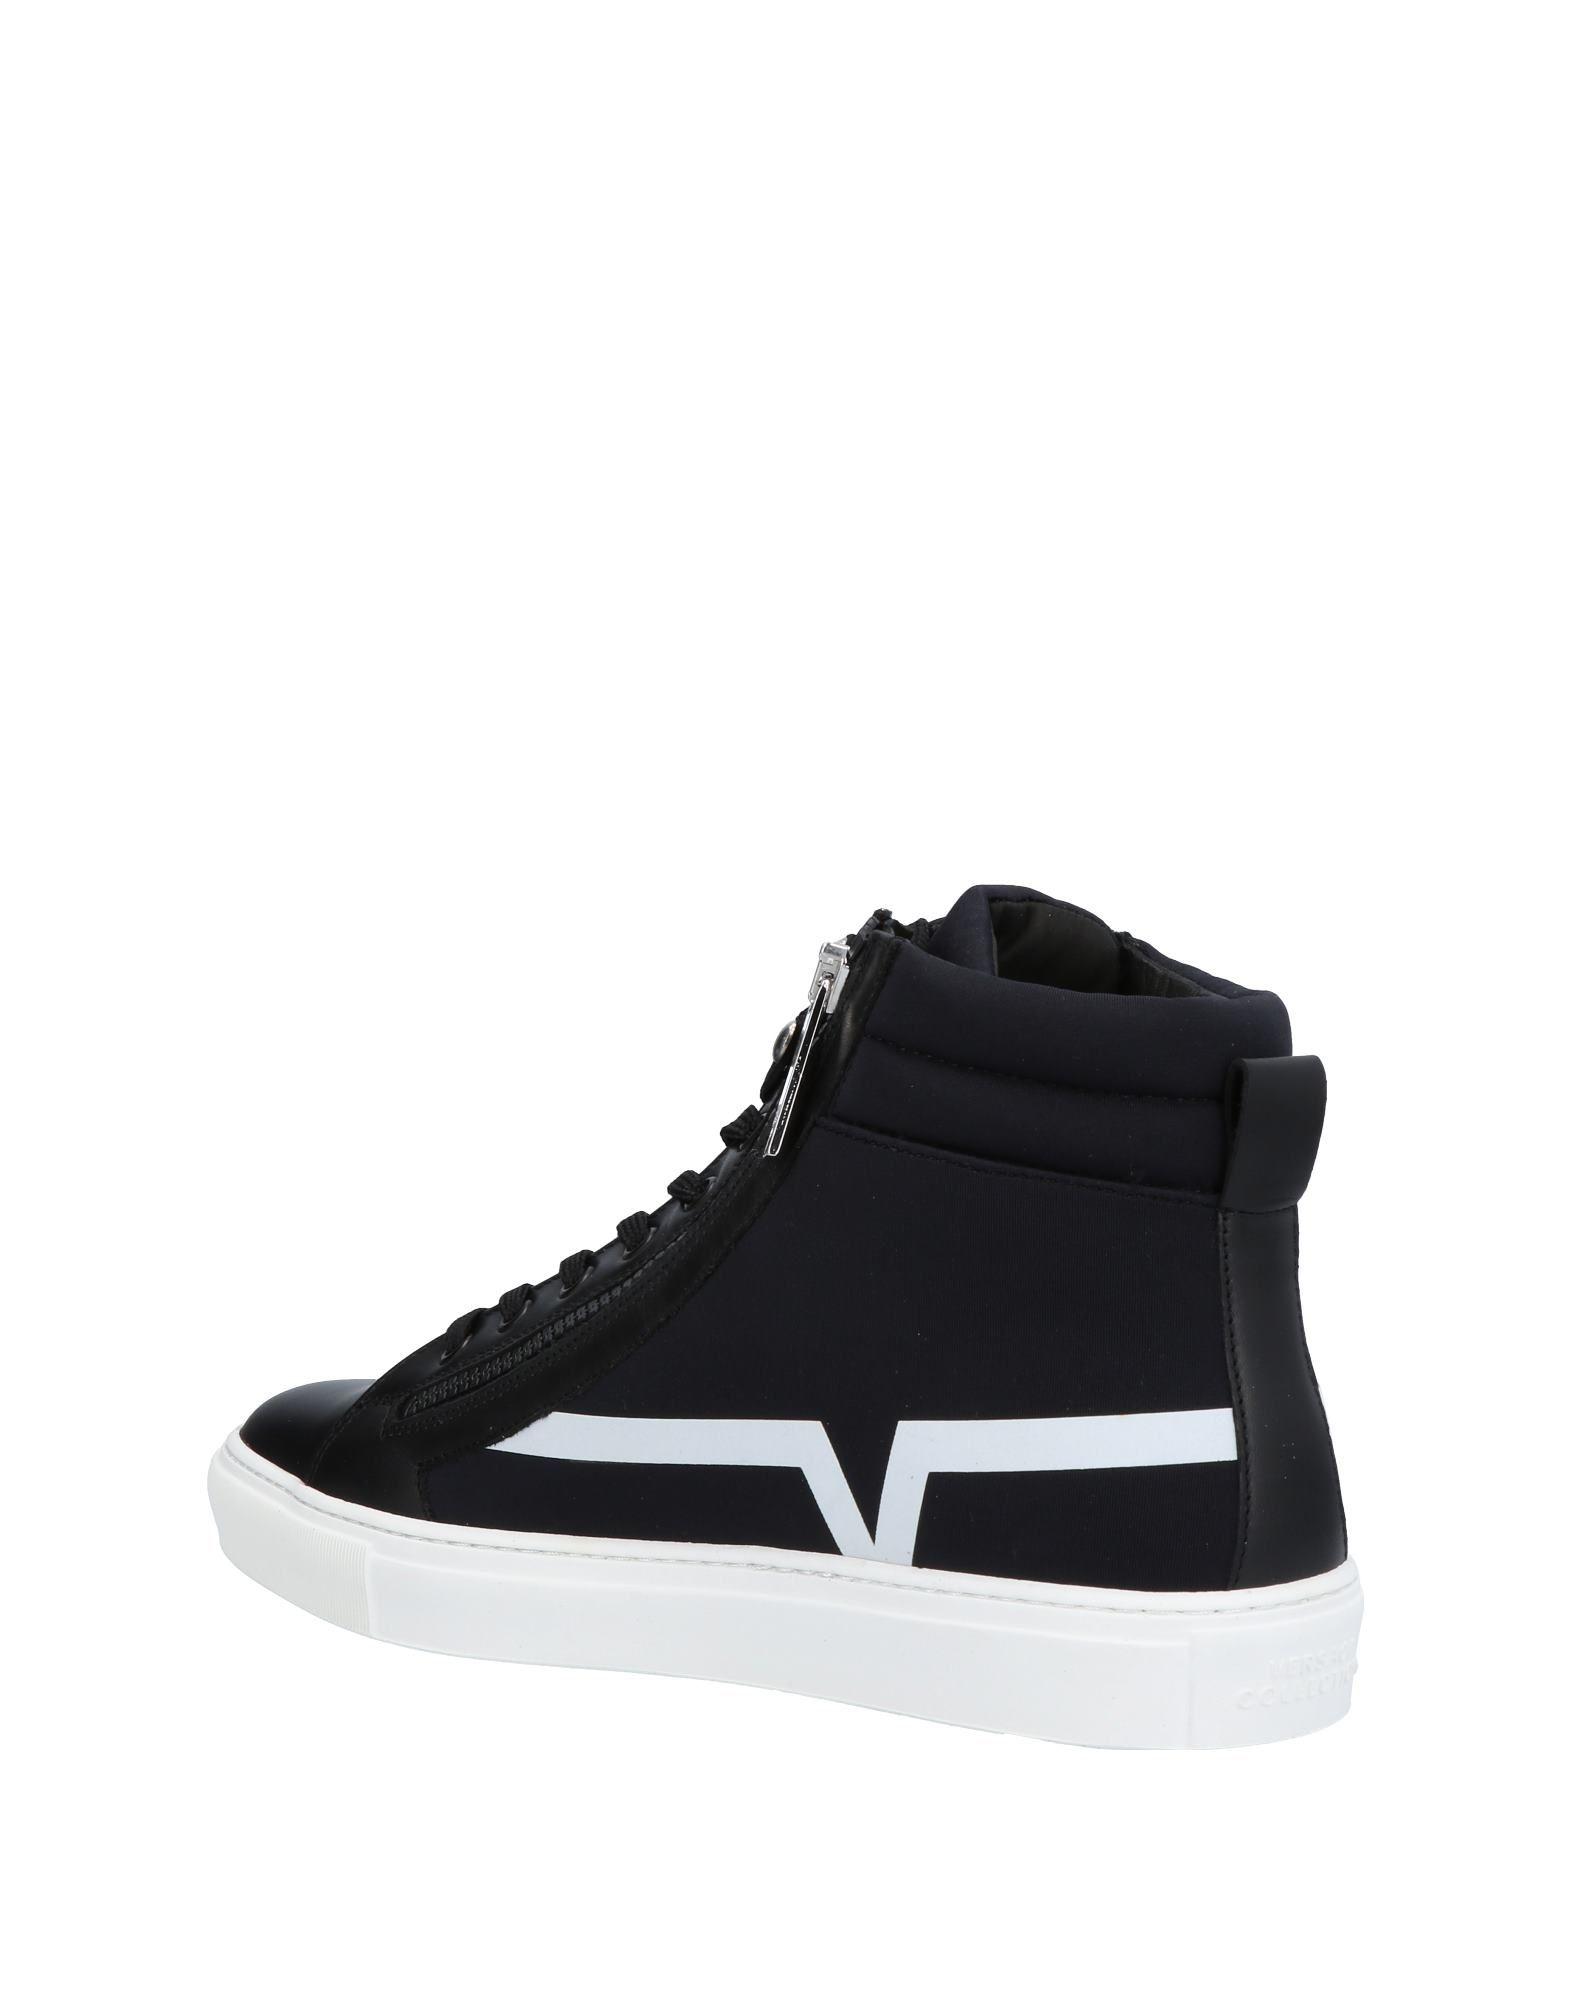 Versace Collection Sneakers Herren beliebte  11463346DJ Gute Qualität beliebte Herren Schuhe 338960